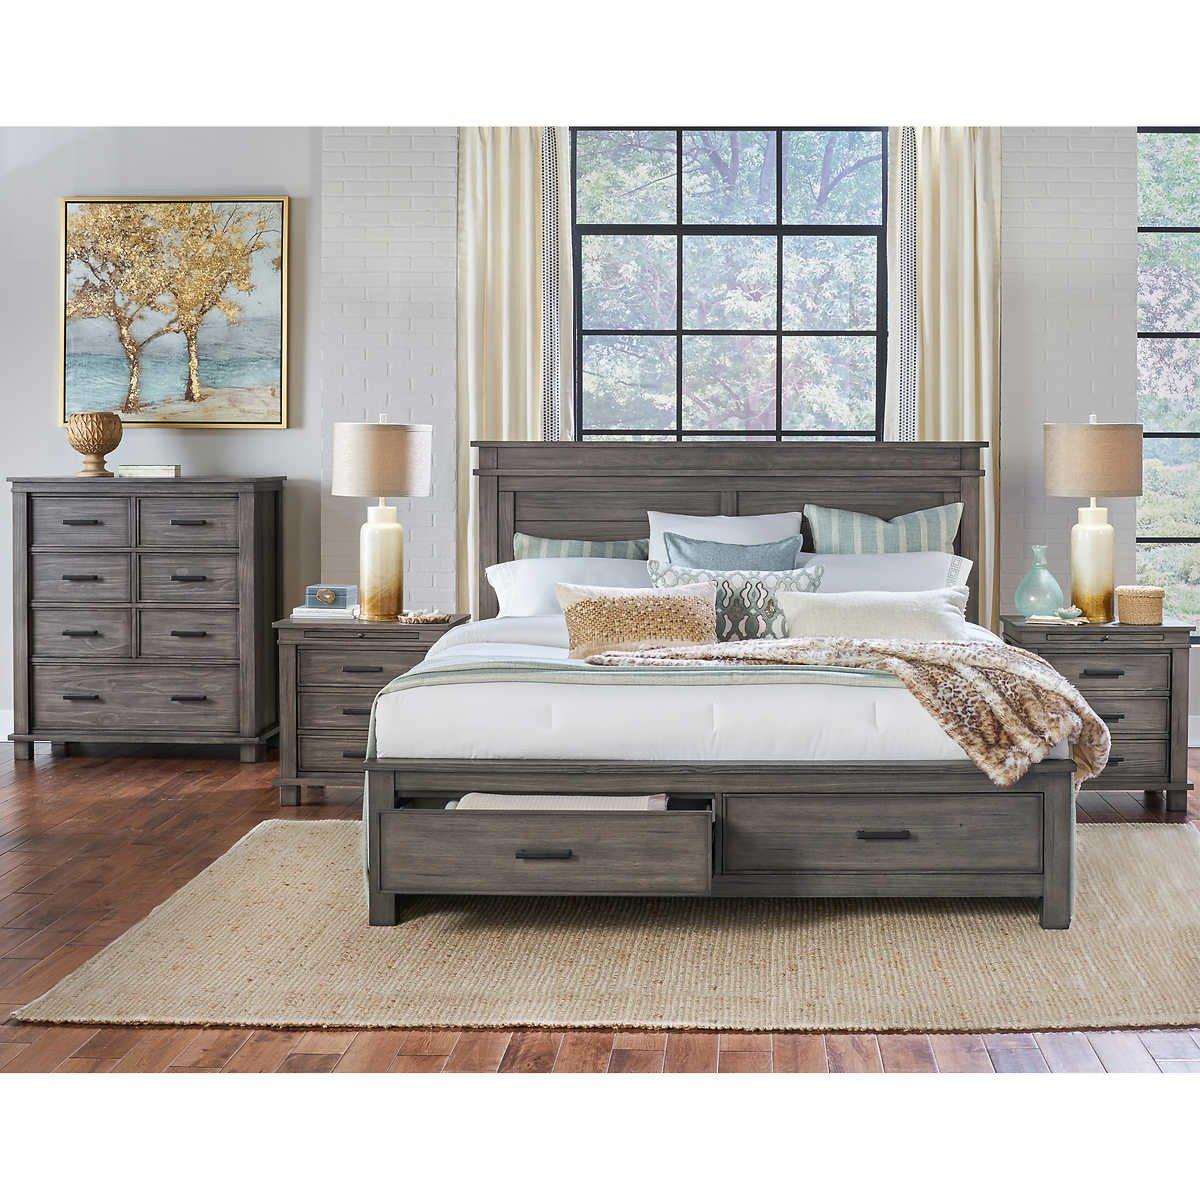 Costco Bedroom Furniture Reviews Fresh Bianca 4 Piece Queen Bedroom Set